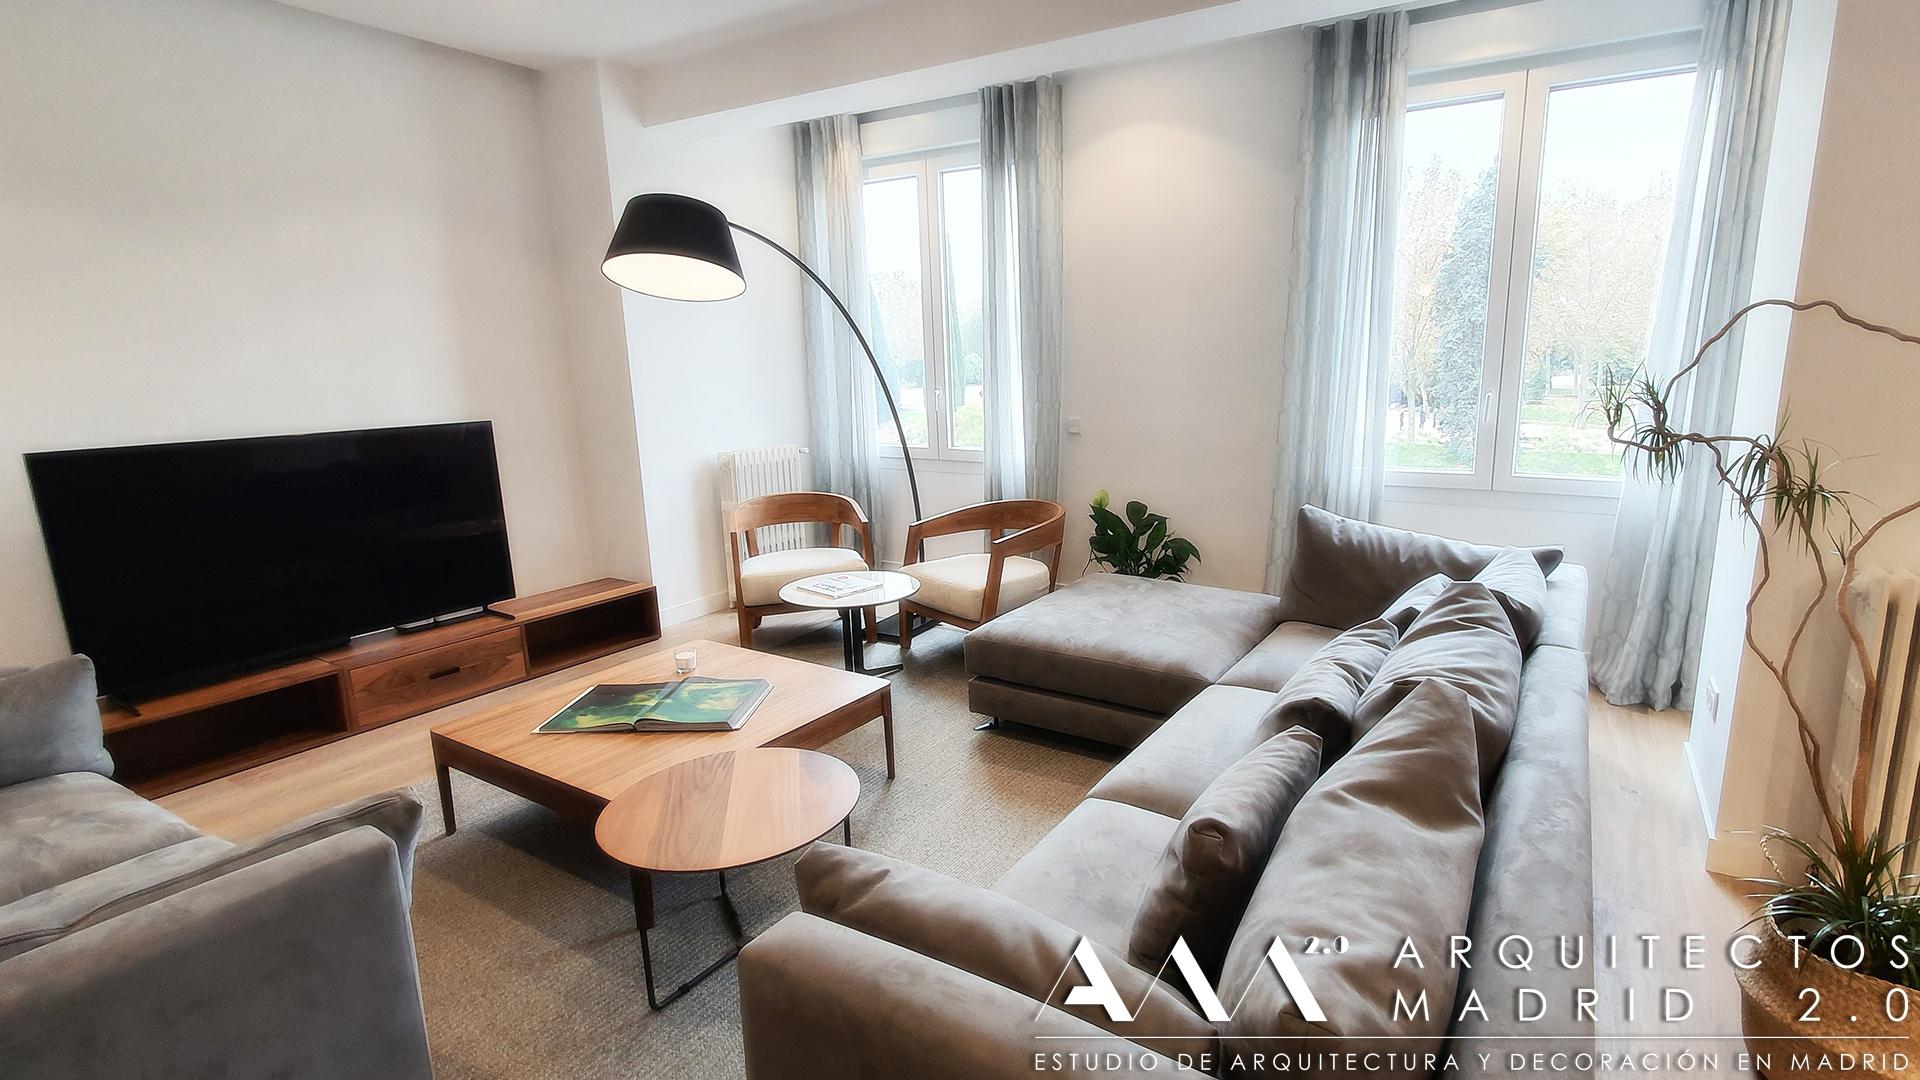 proyecto-reforma-integral-vivienda-arquitectos-madrid-ideas-decoracion-salon-cocina-home-interior-design-21